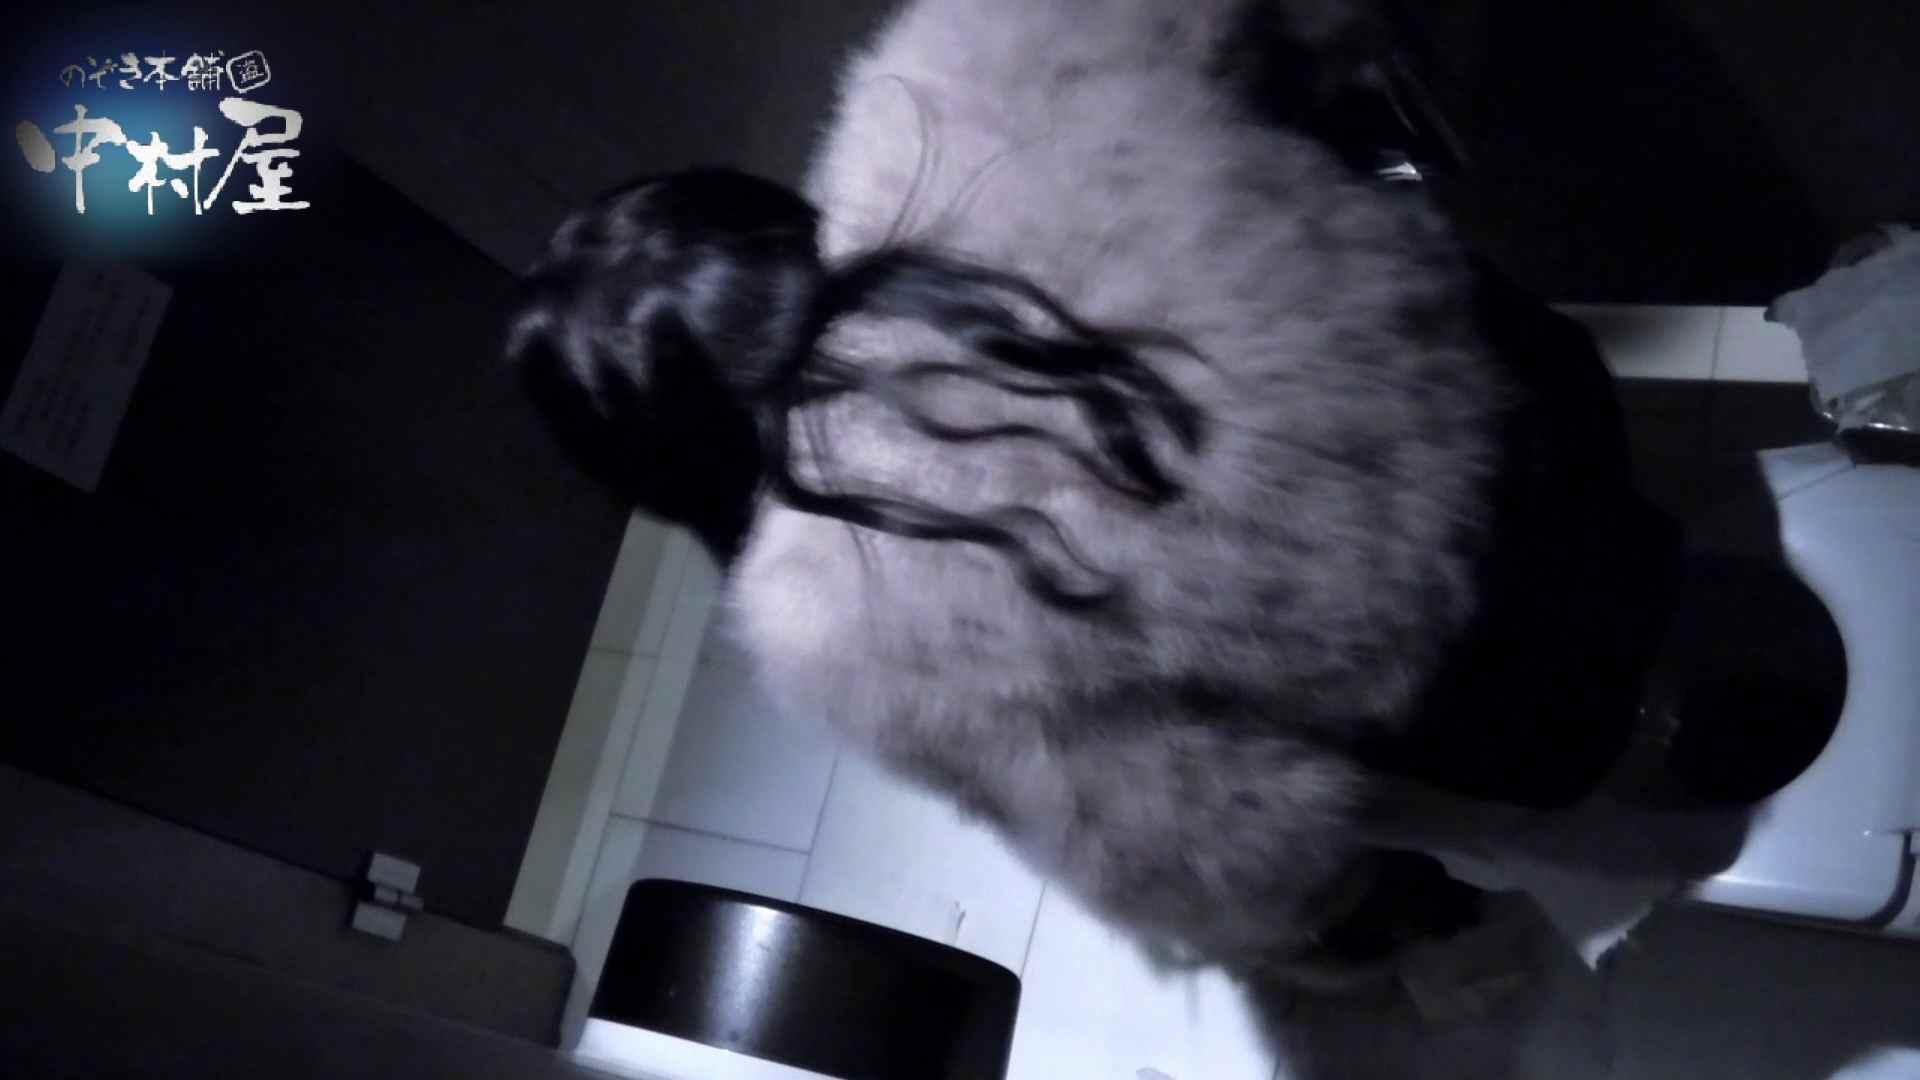 乙女集まる!ショッピングモール潜入撮vol.11 丸見え AV無料動画キャプチャ 78pic 47